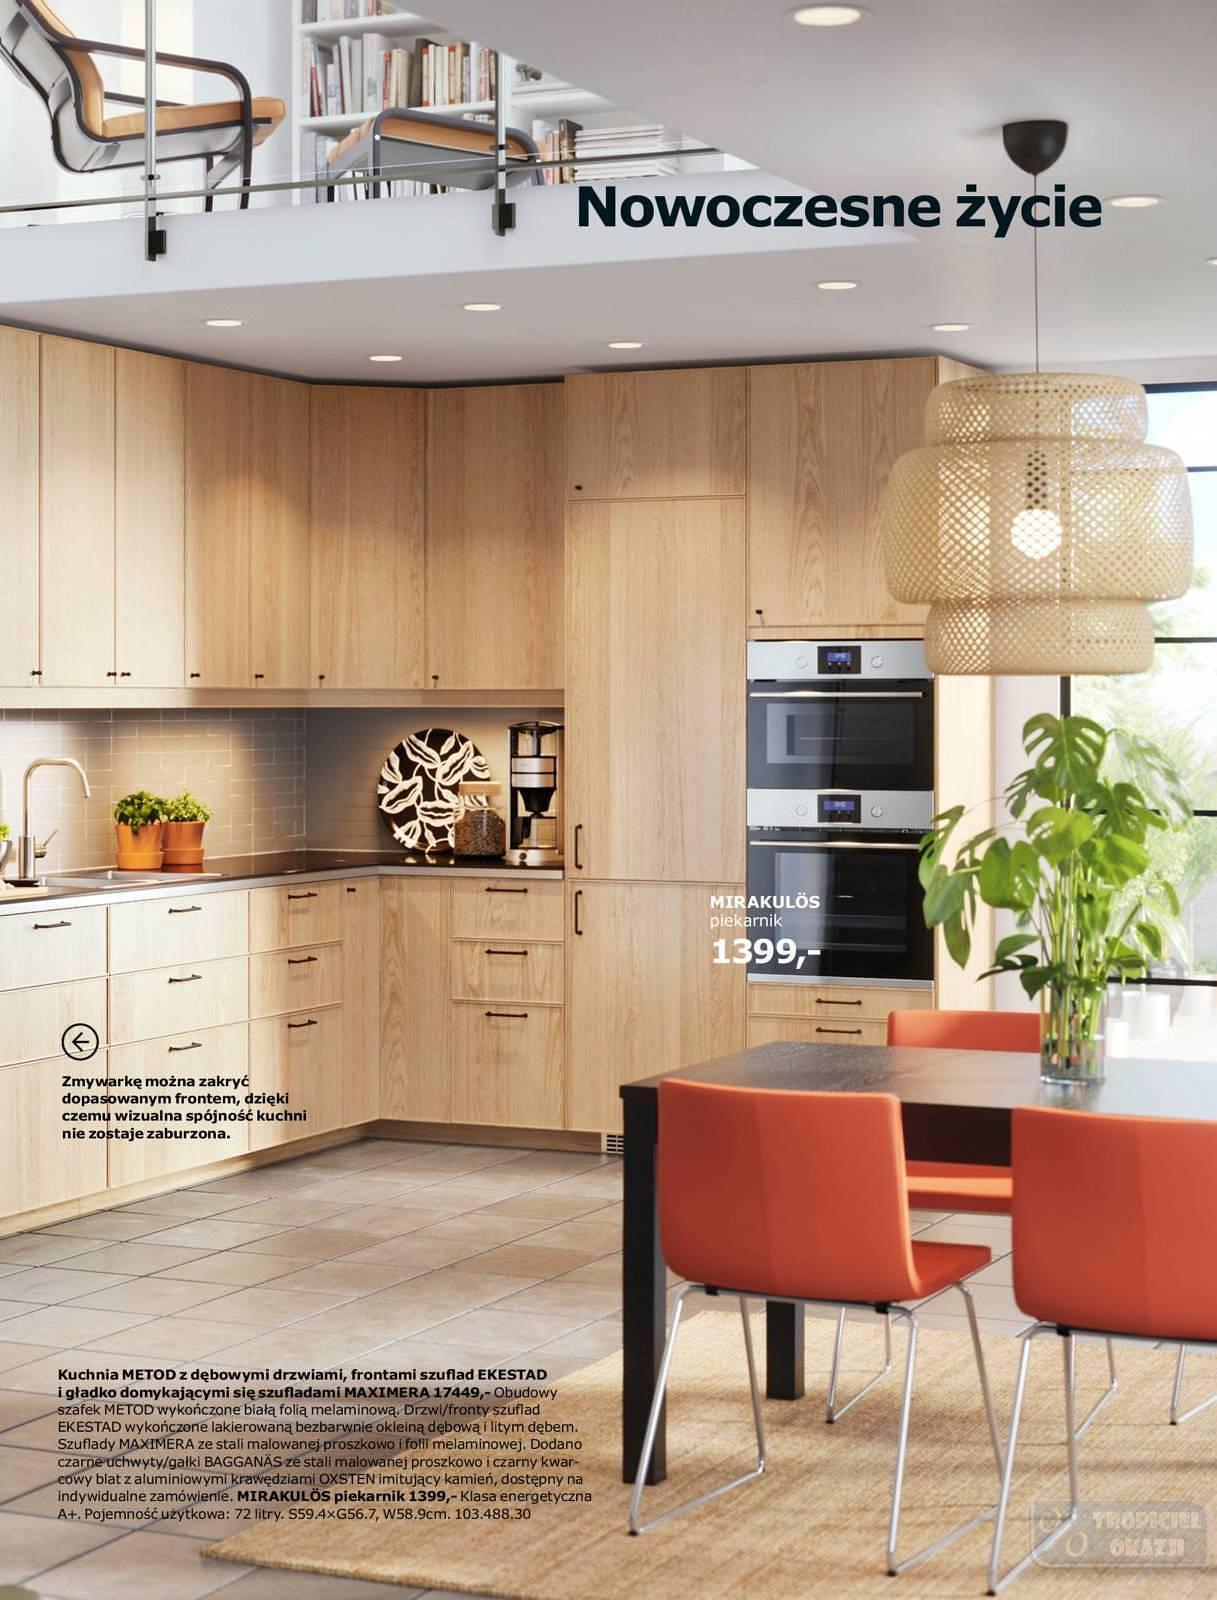 Gazetka Promocyjna I Reklamowa Ikea Katalog Kuchnie 2018